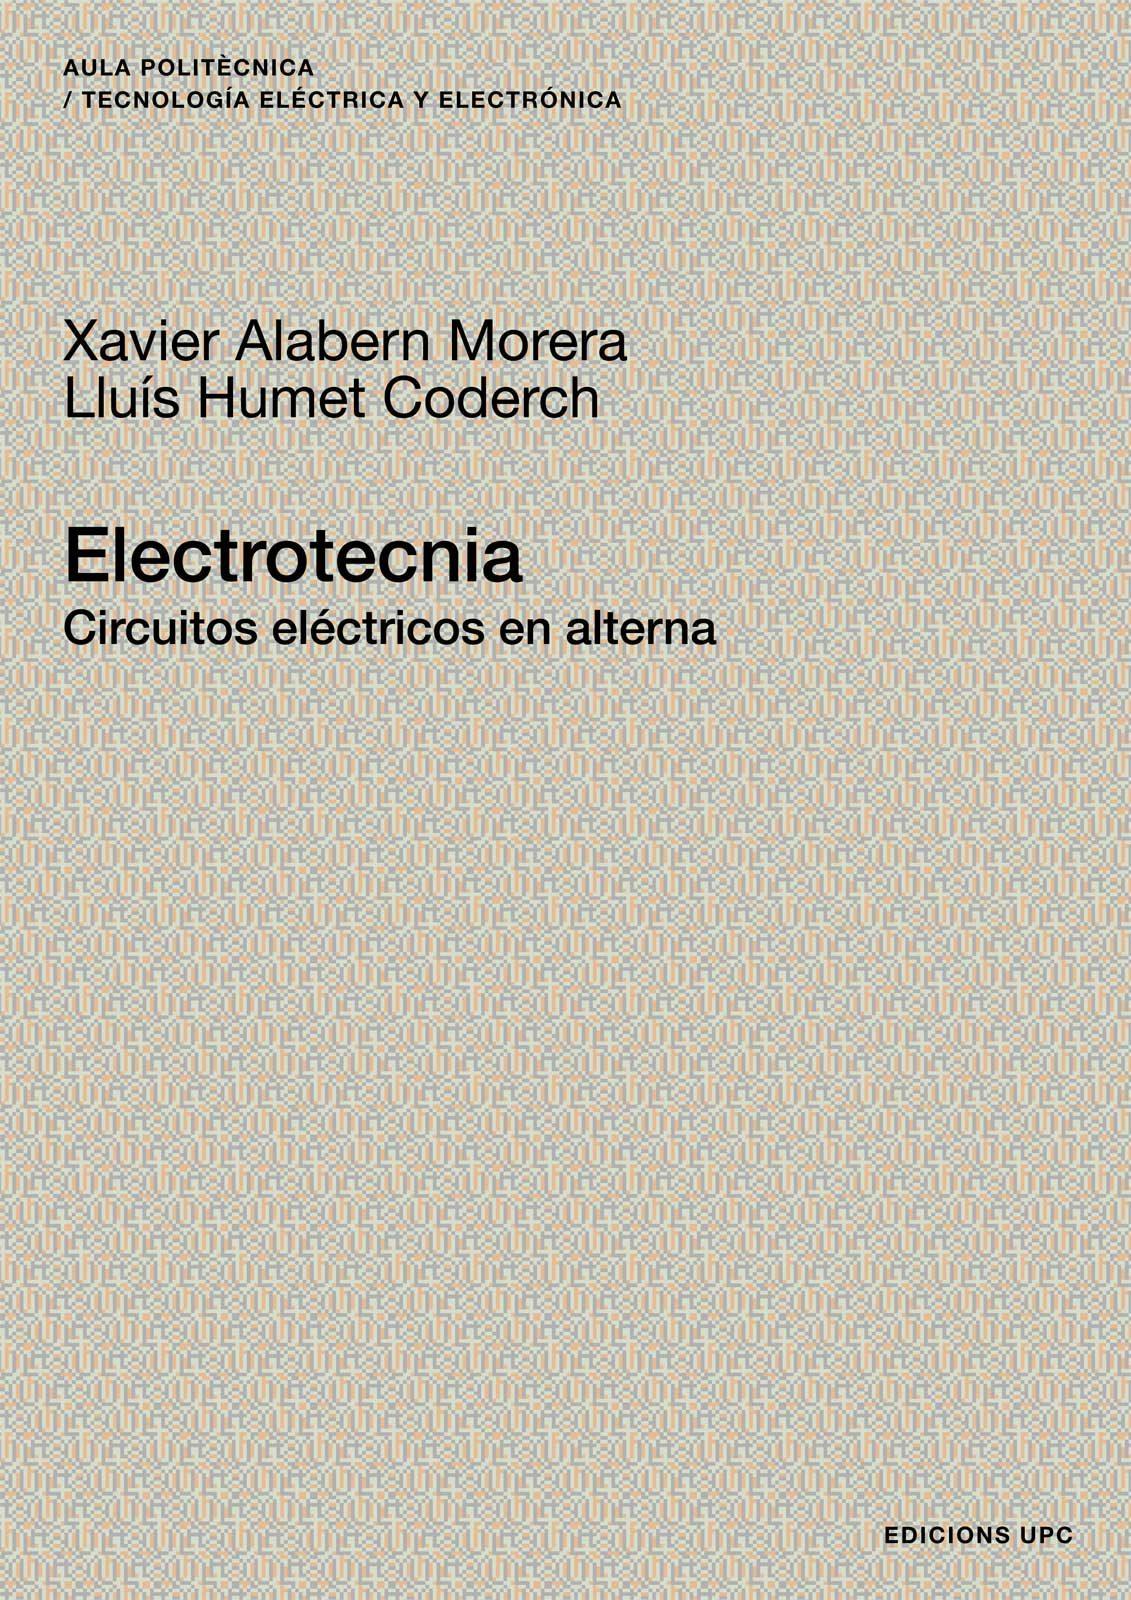 Electrotecnia: Circuitos Electricos - Alabern Moreraxavier